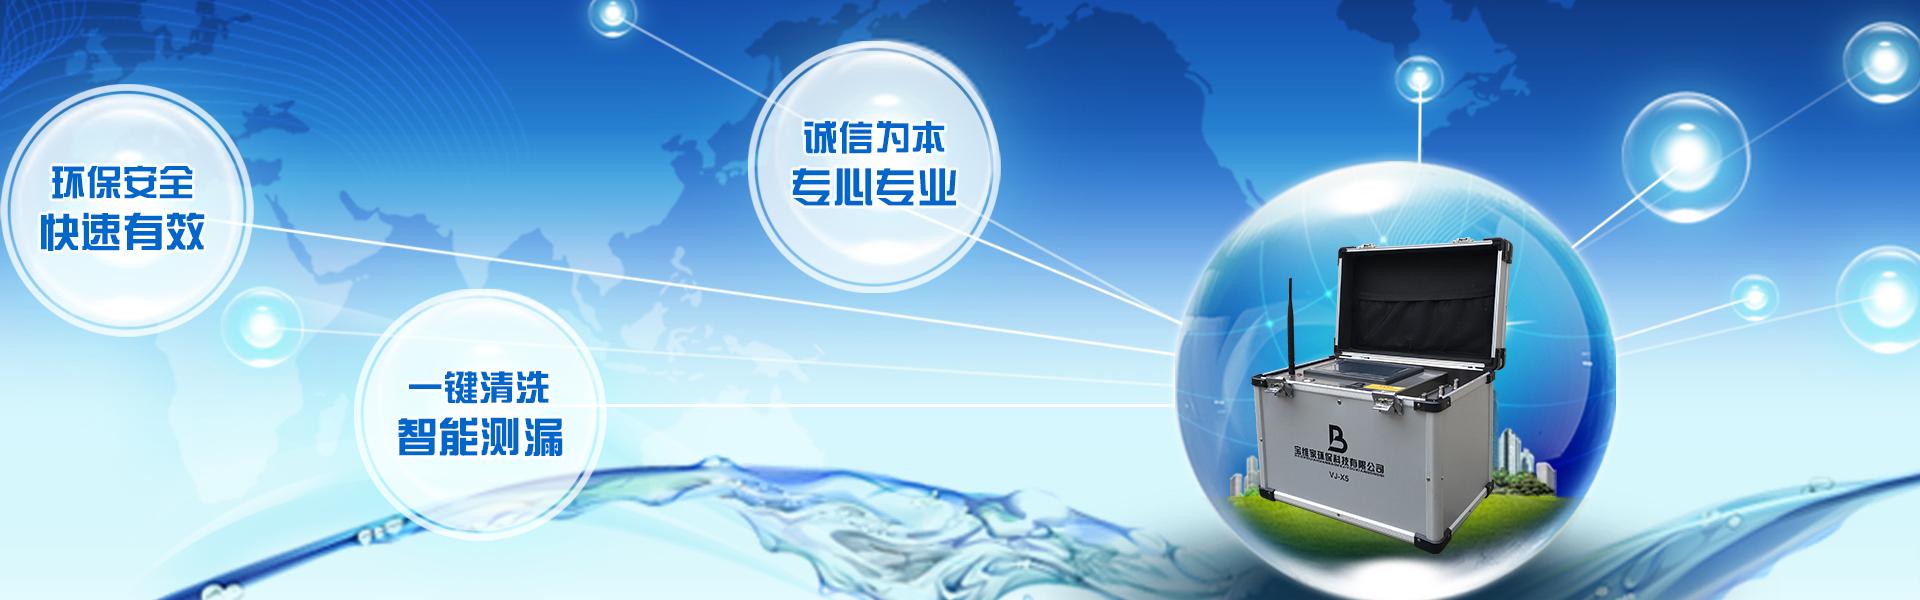 宝维家环保科技,专注销售水管清洗机